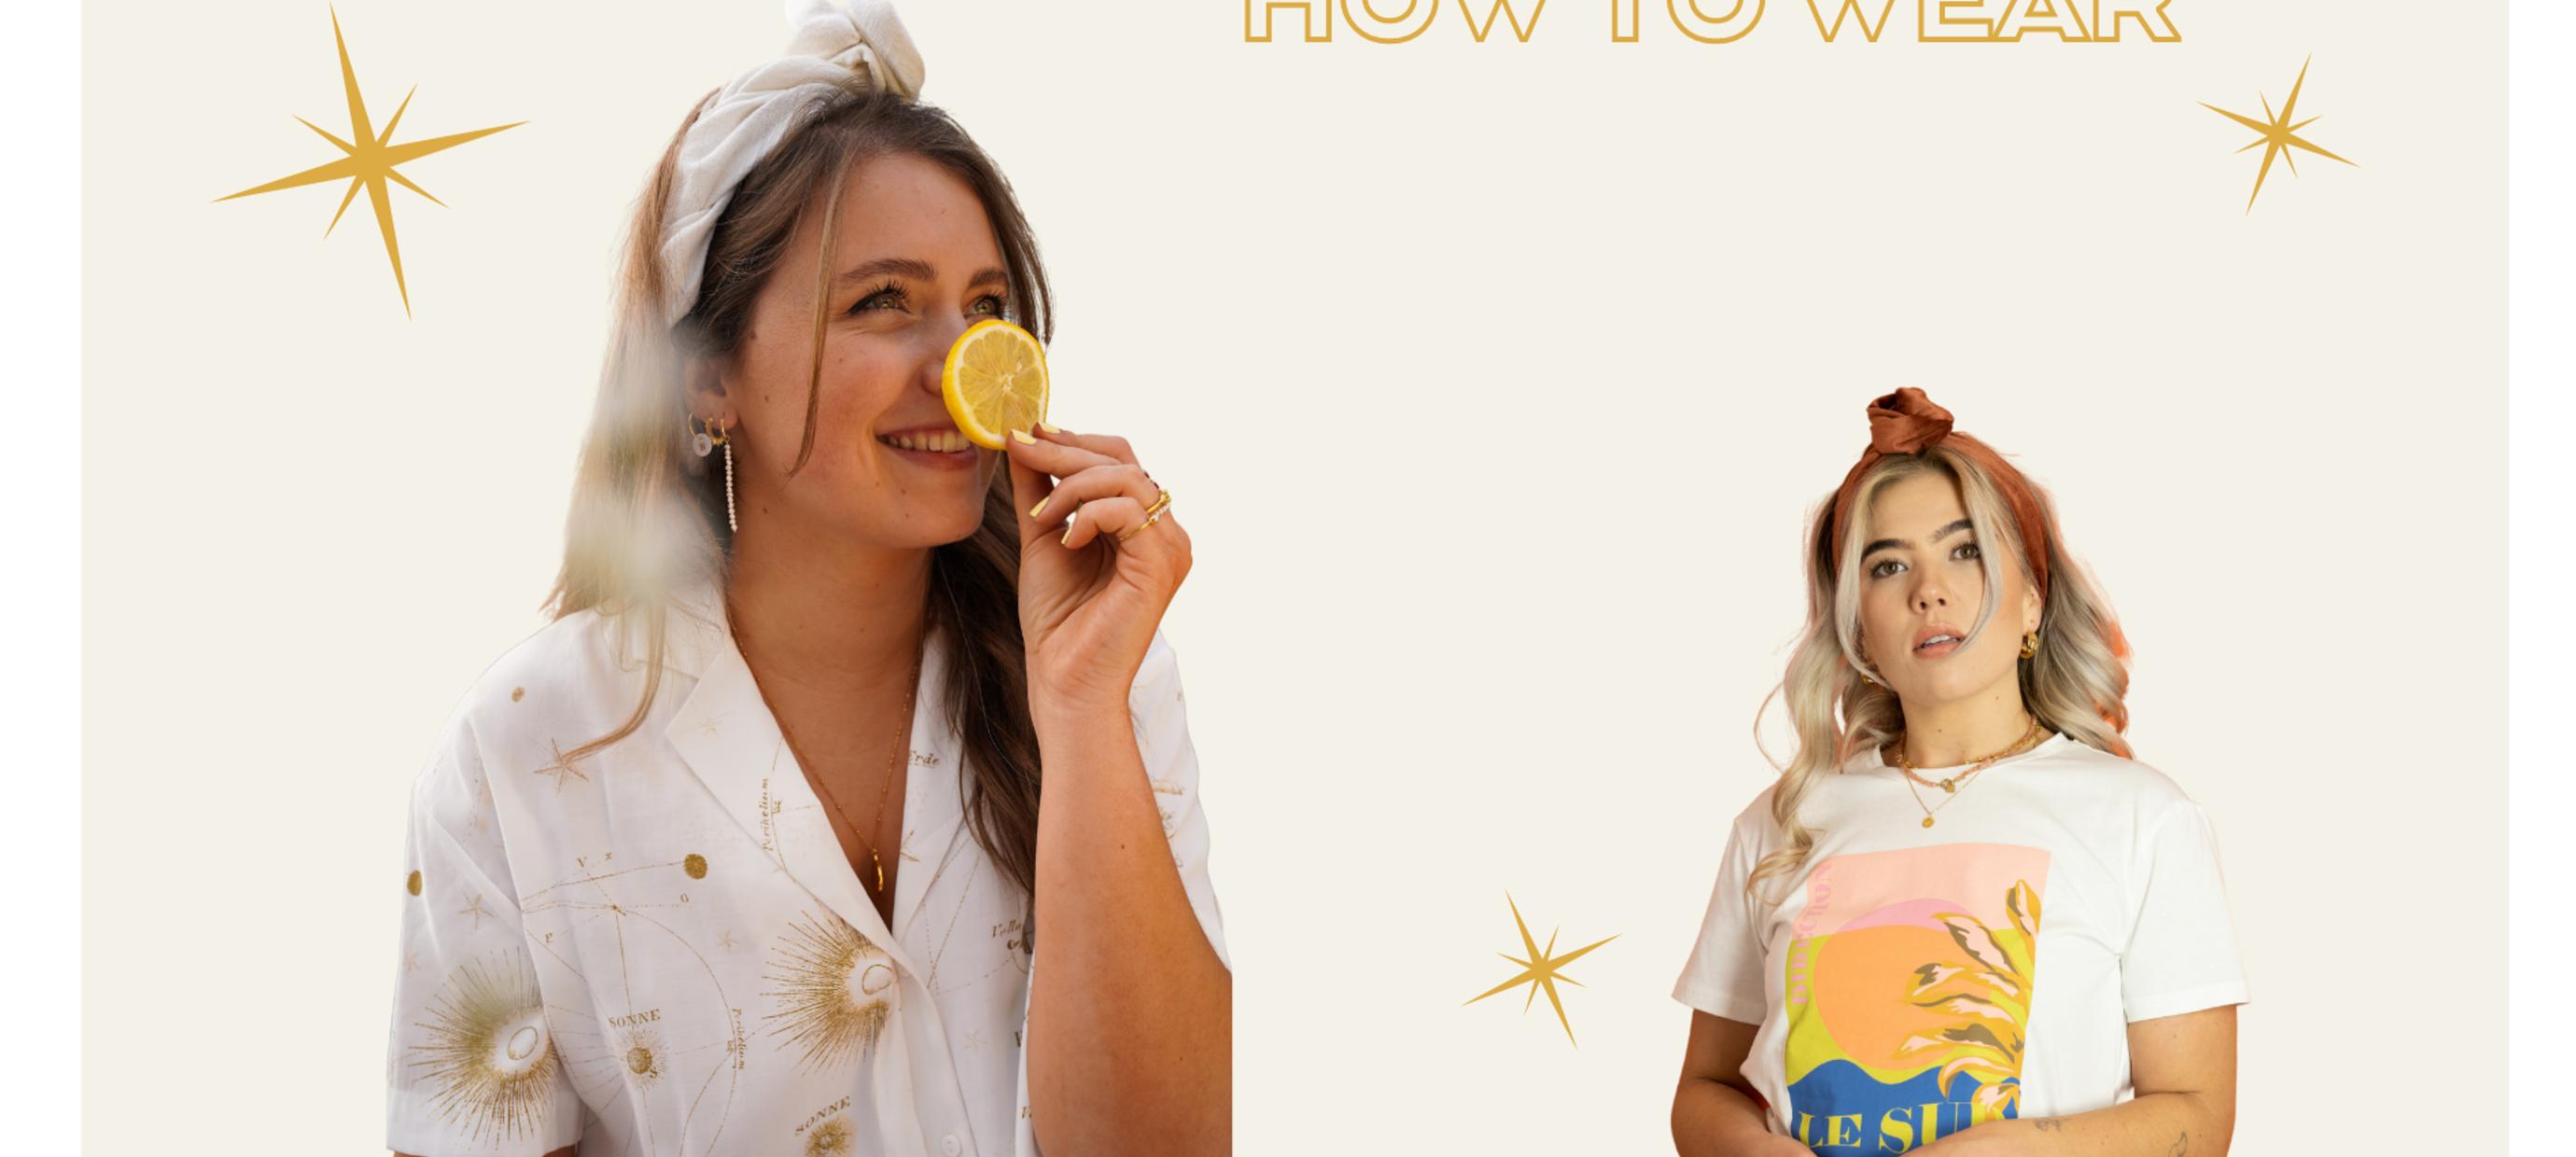 Haarband met ijzerdraad: hoe te dragen